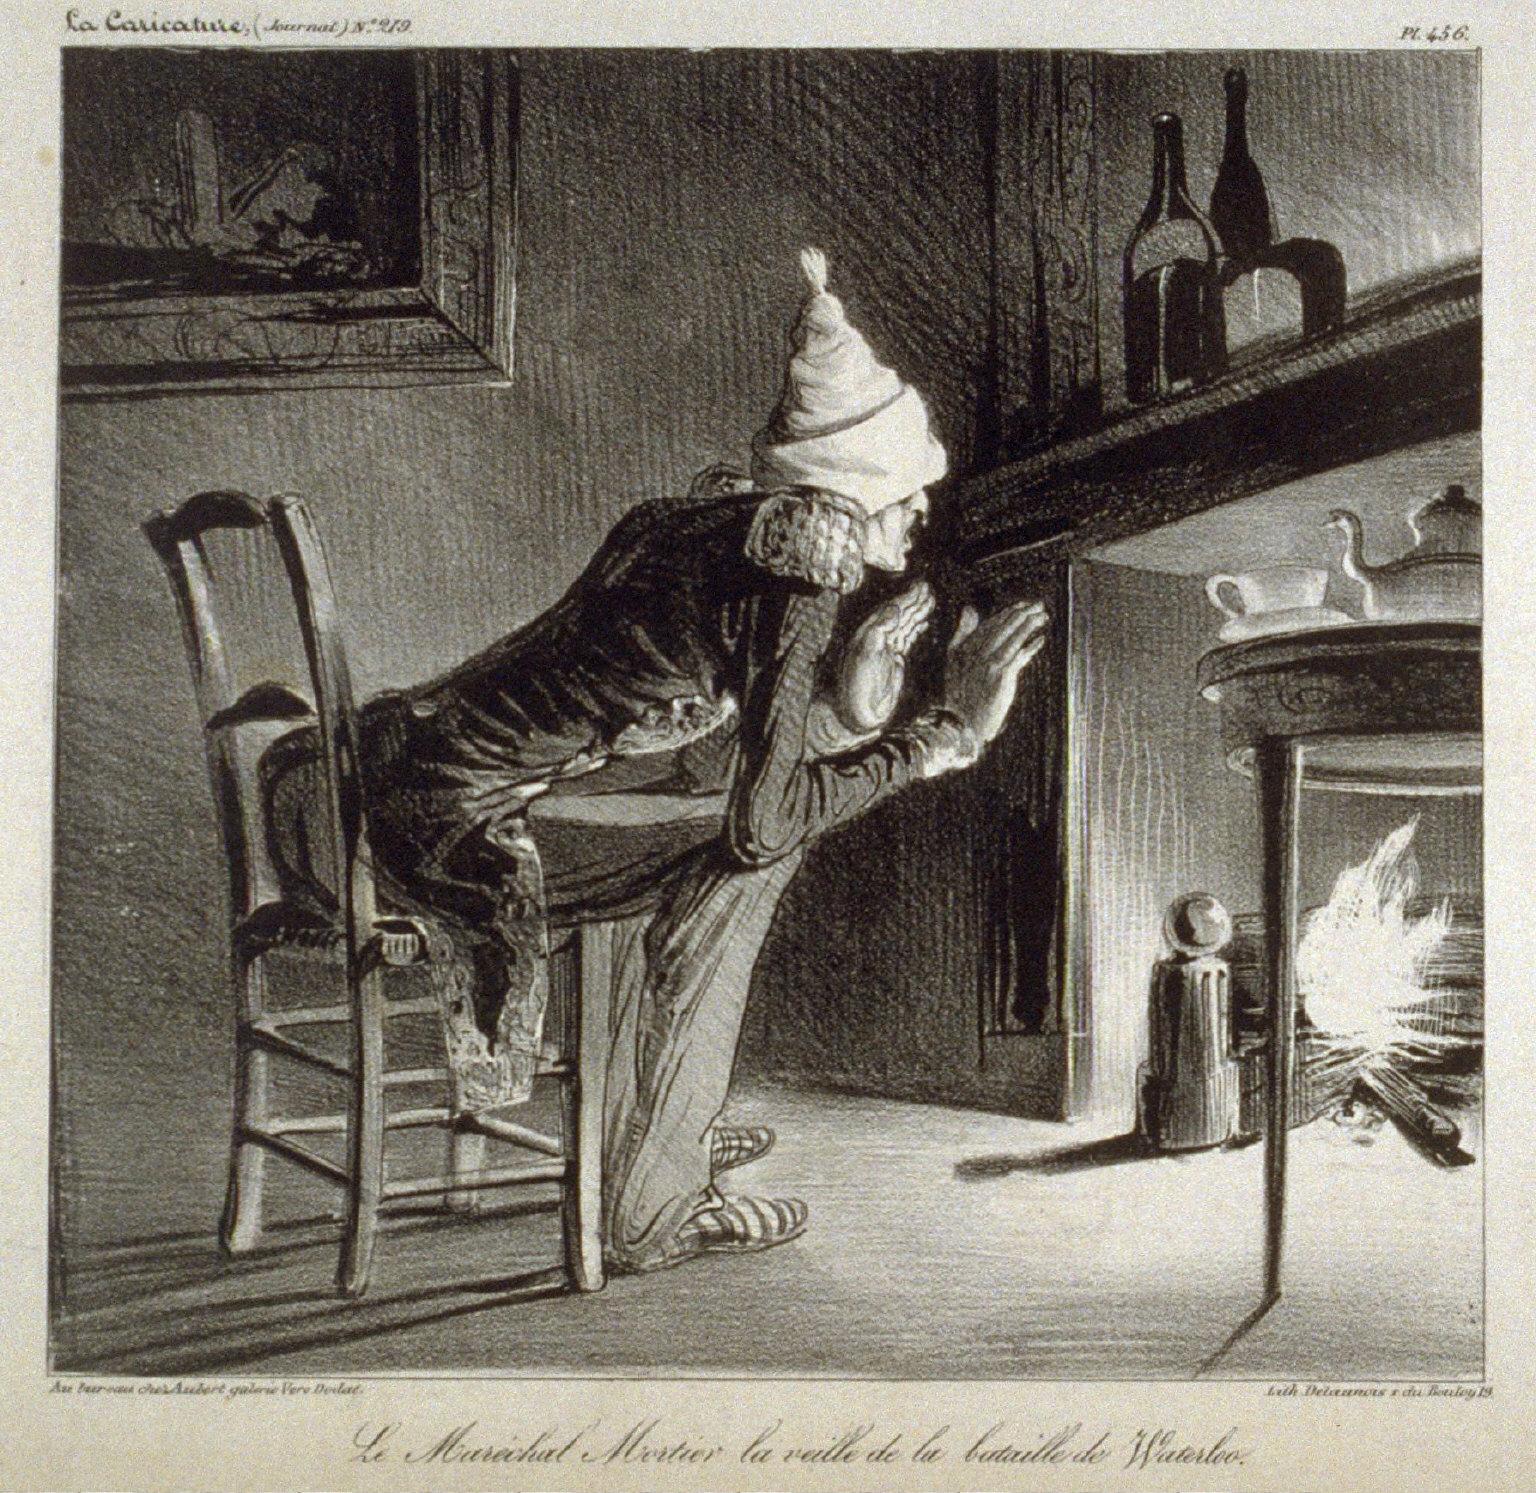 Le Maréchal Mortier la veille de la bataille de Waterloo., pl. 456 from La Caricature (Journal) No. 219, published 15 January 1835